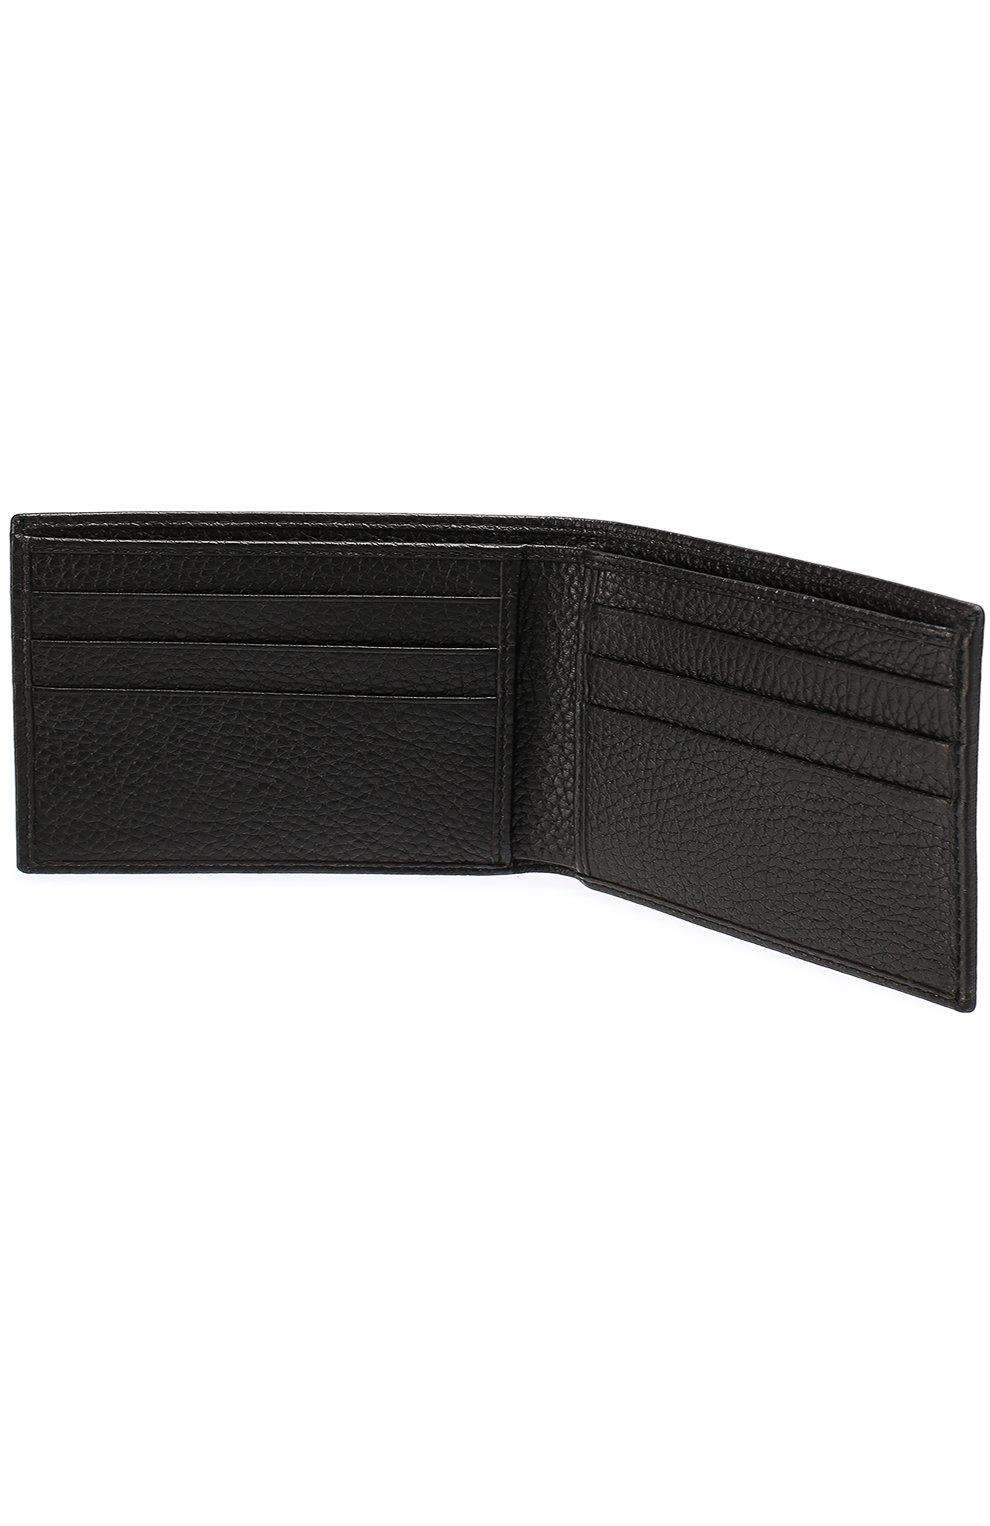 Кожаное портмоне с декоративной отделкой и отделениями для кредитных карт | Фото №3